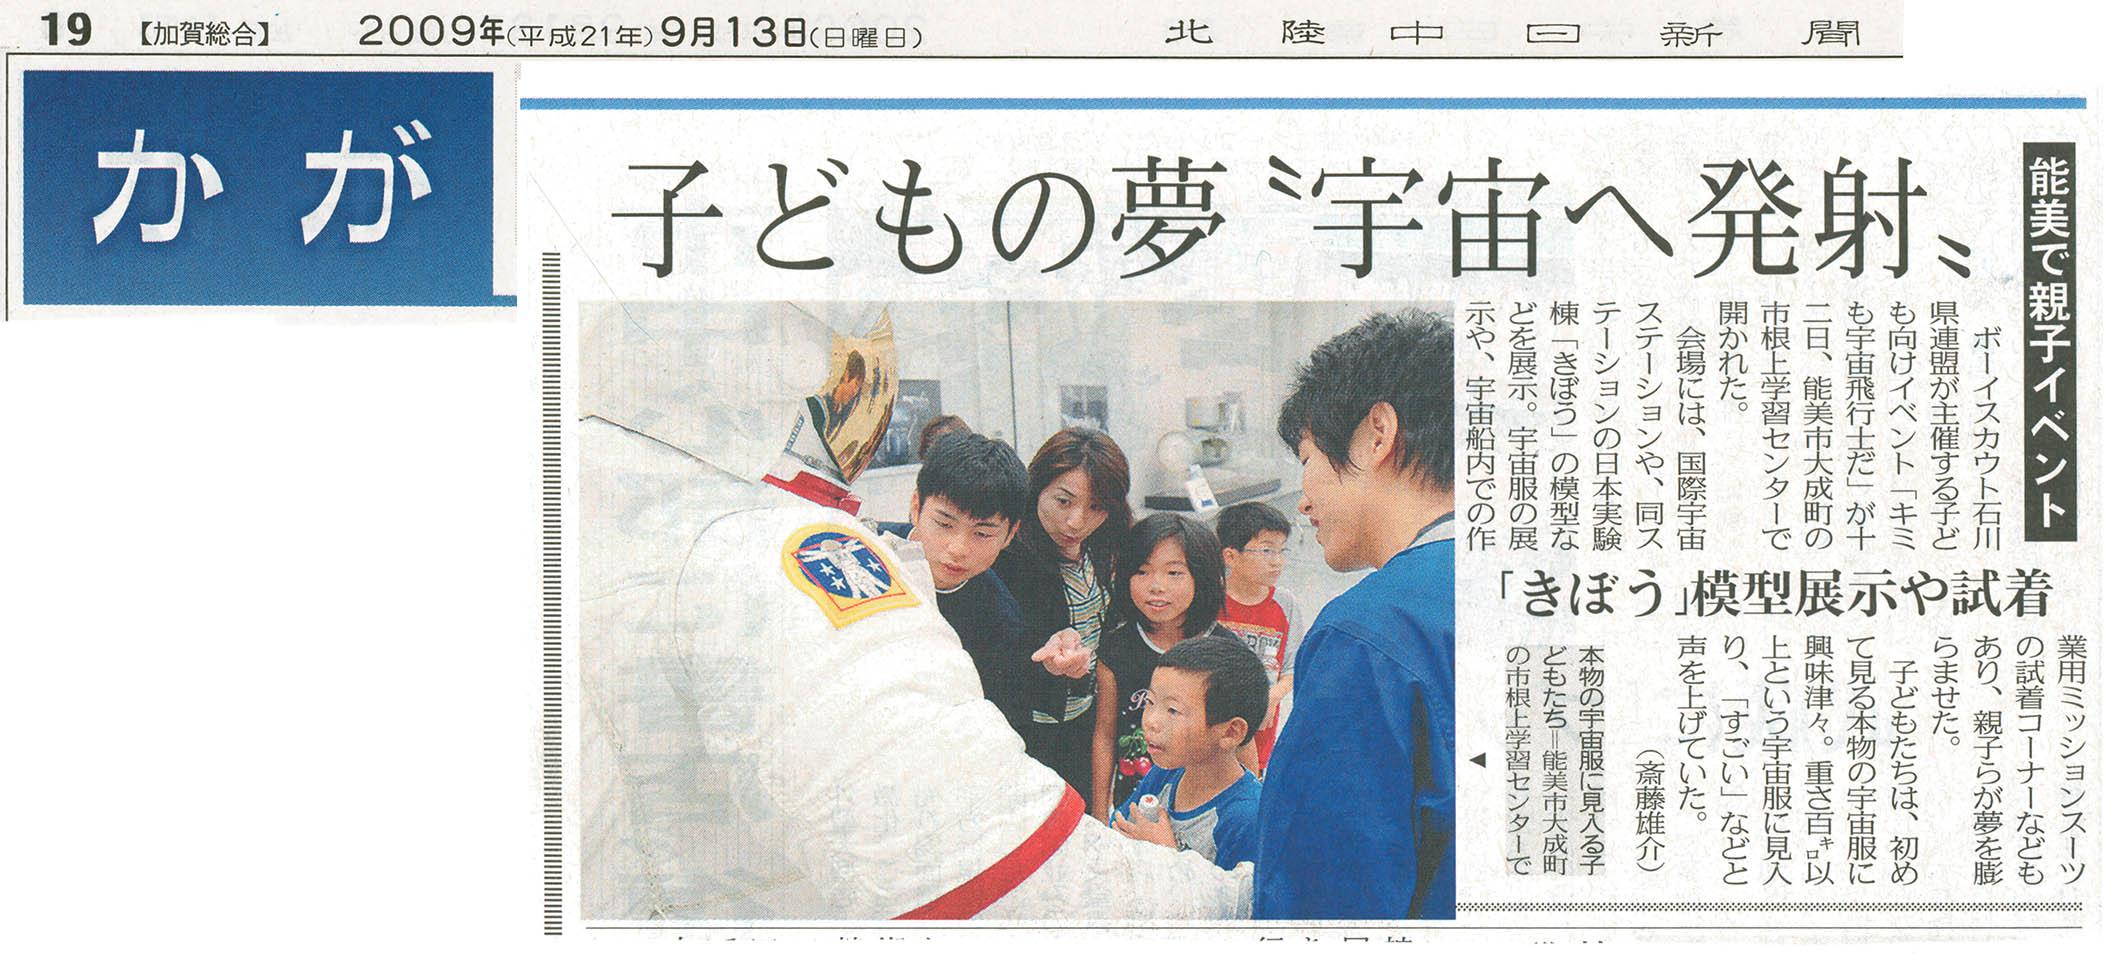 新聞記事北陸中日